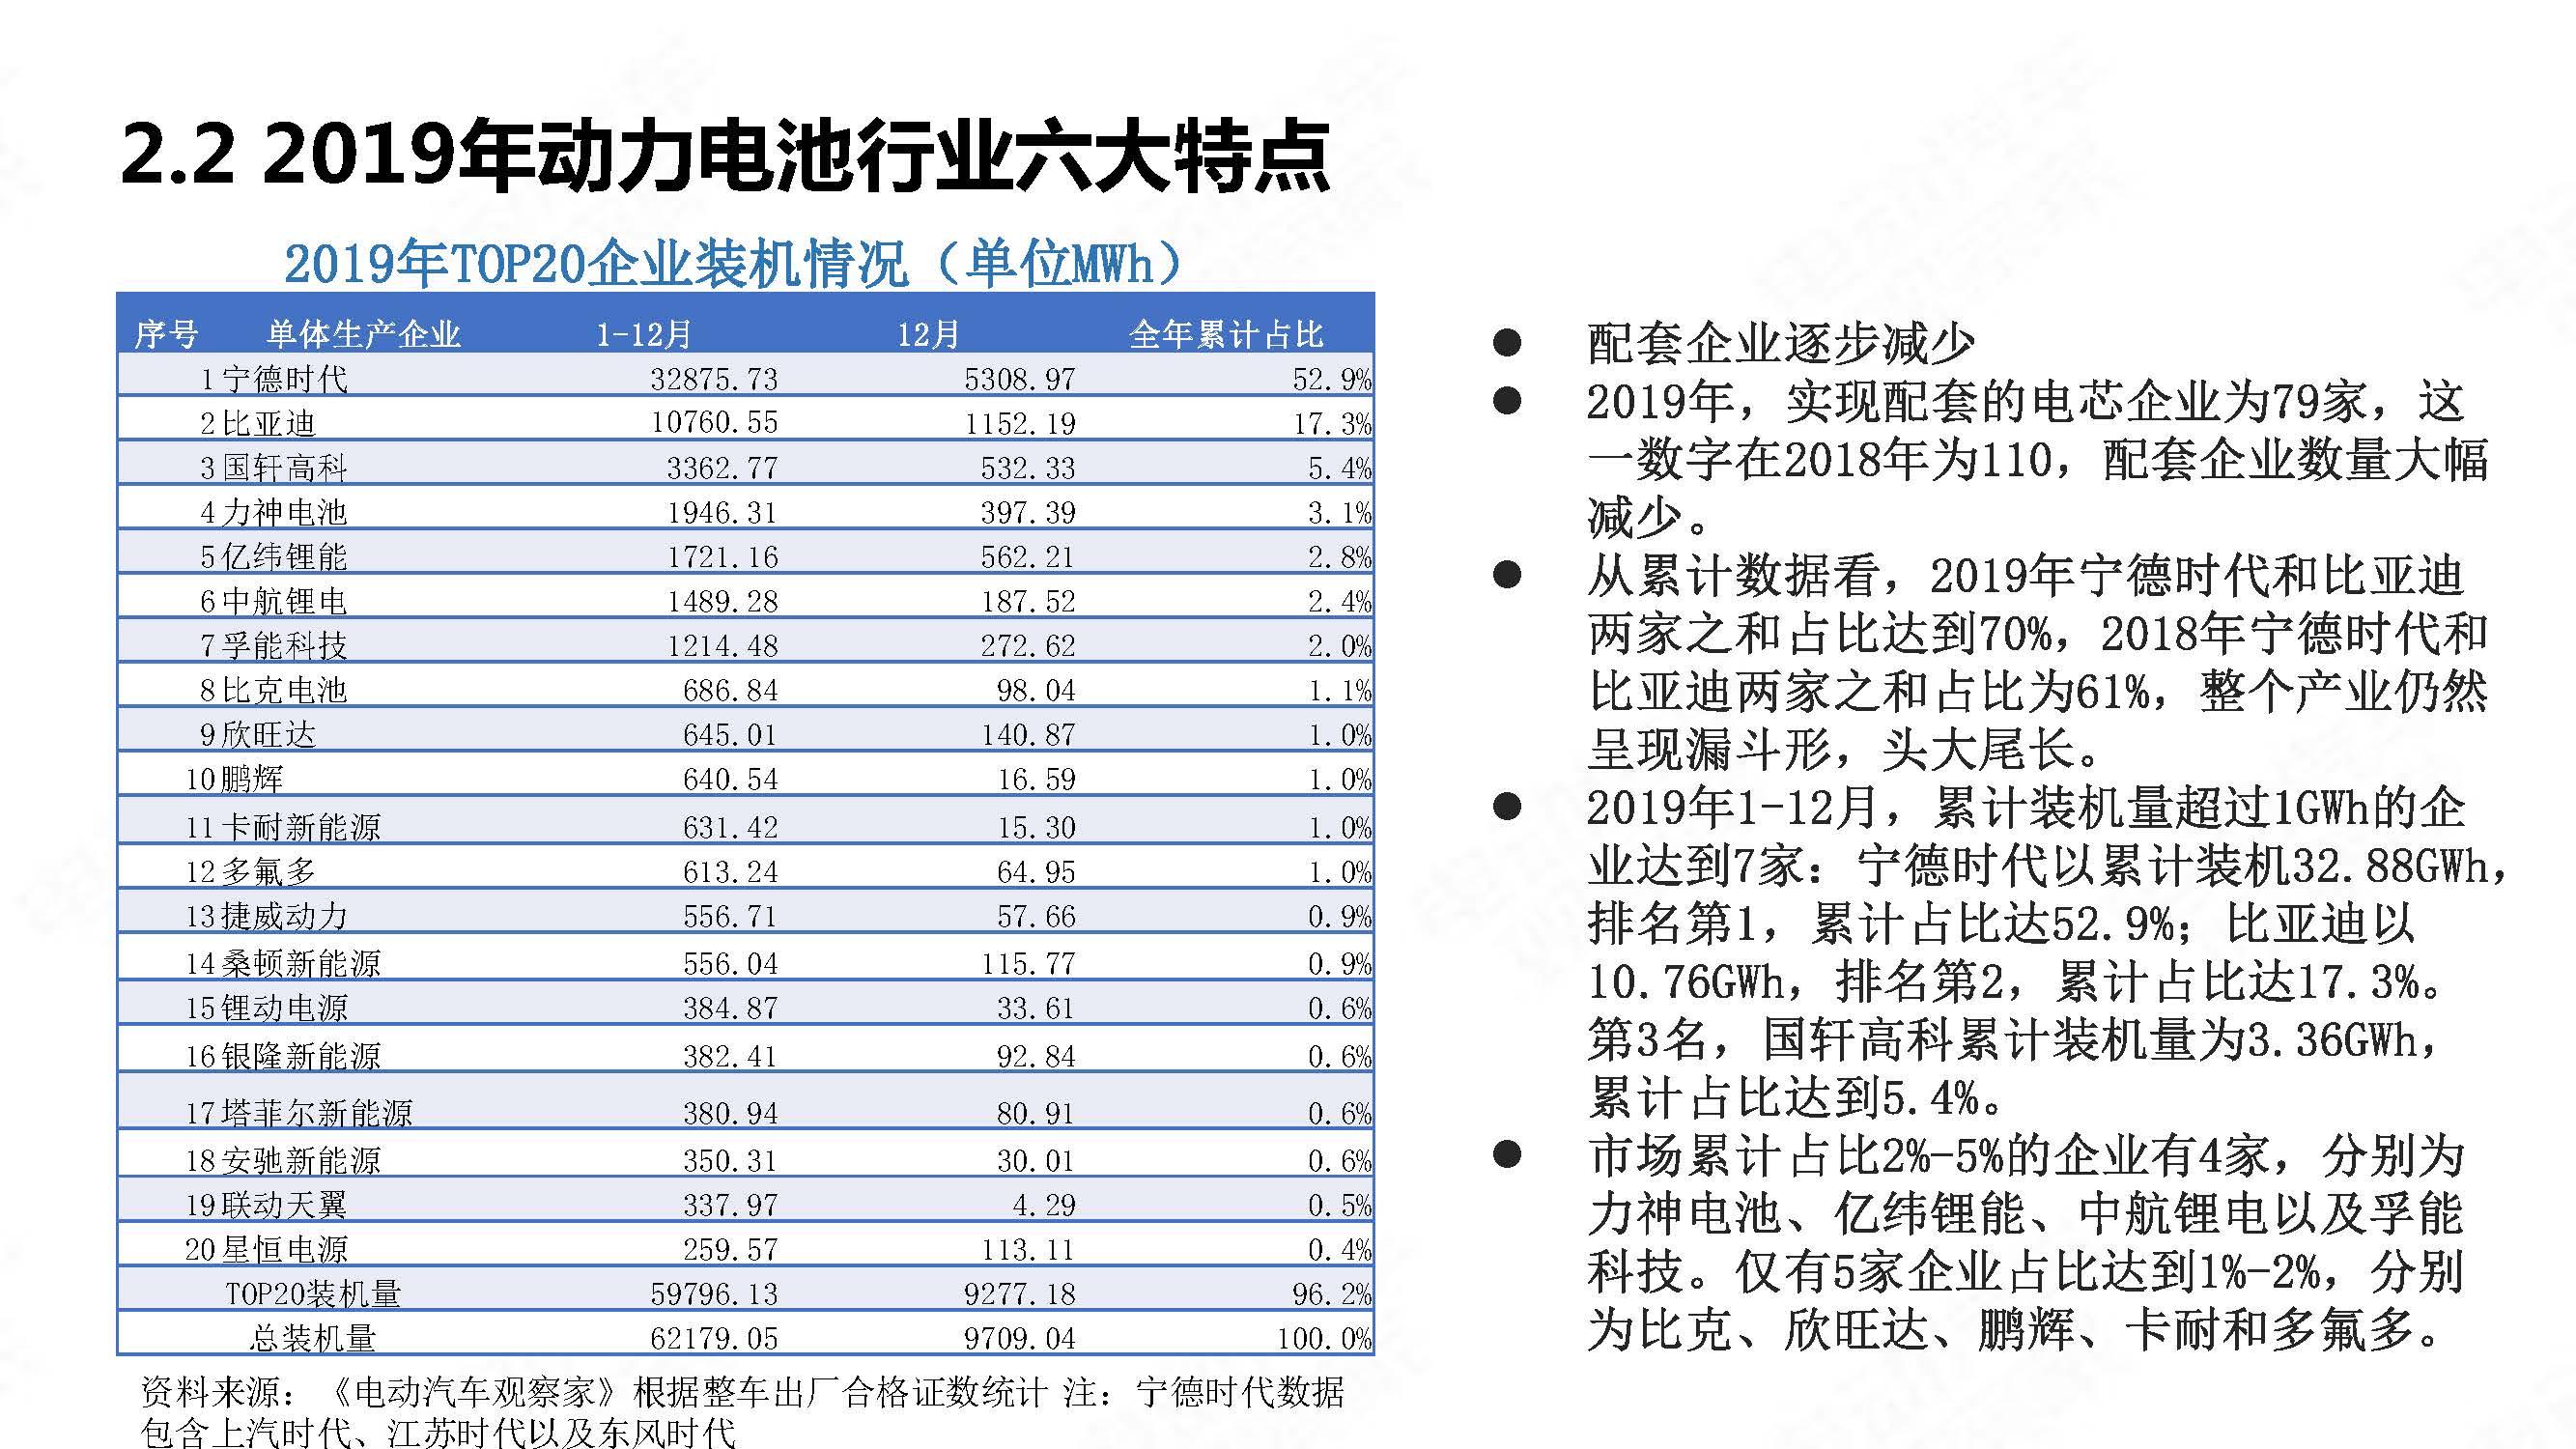 中国新能源汽车产业年度观察2020 简版_页面_30